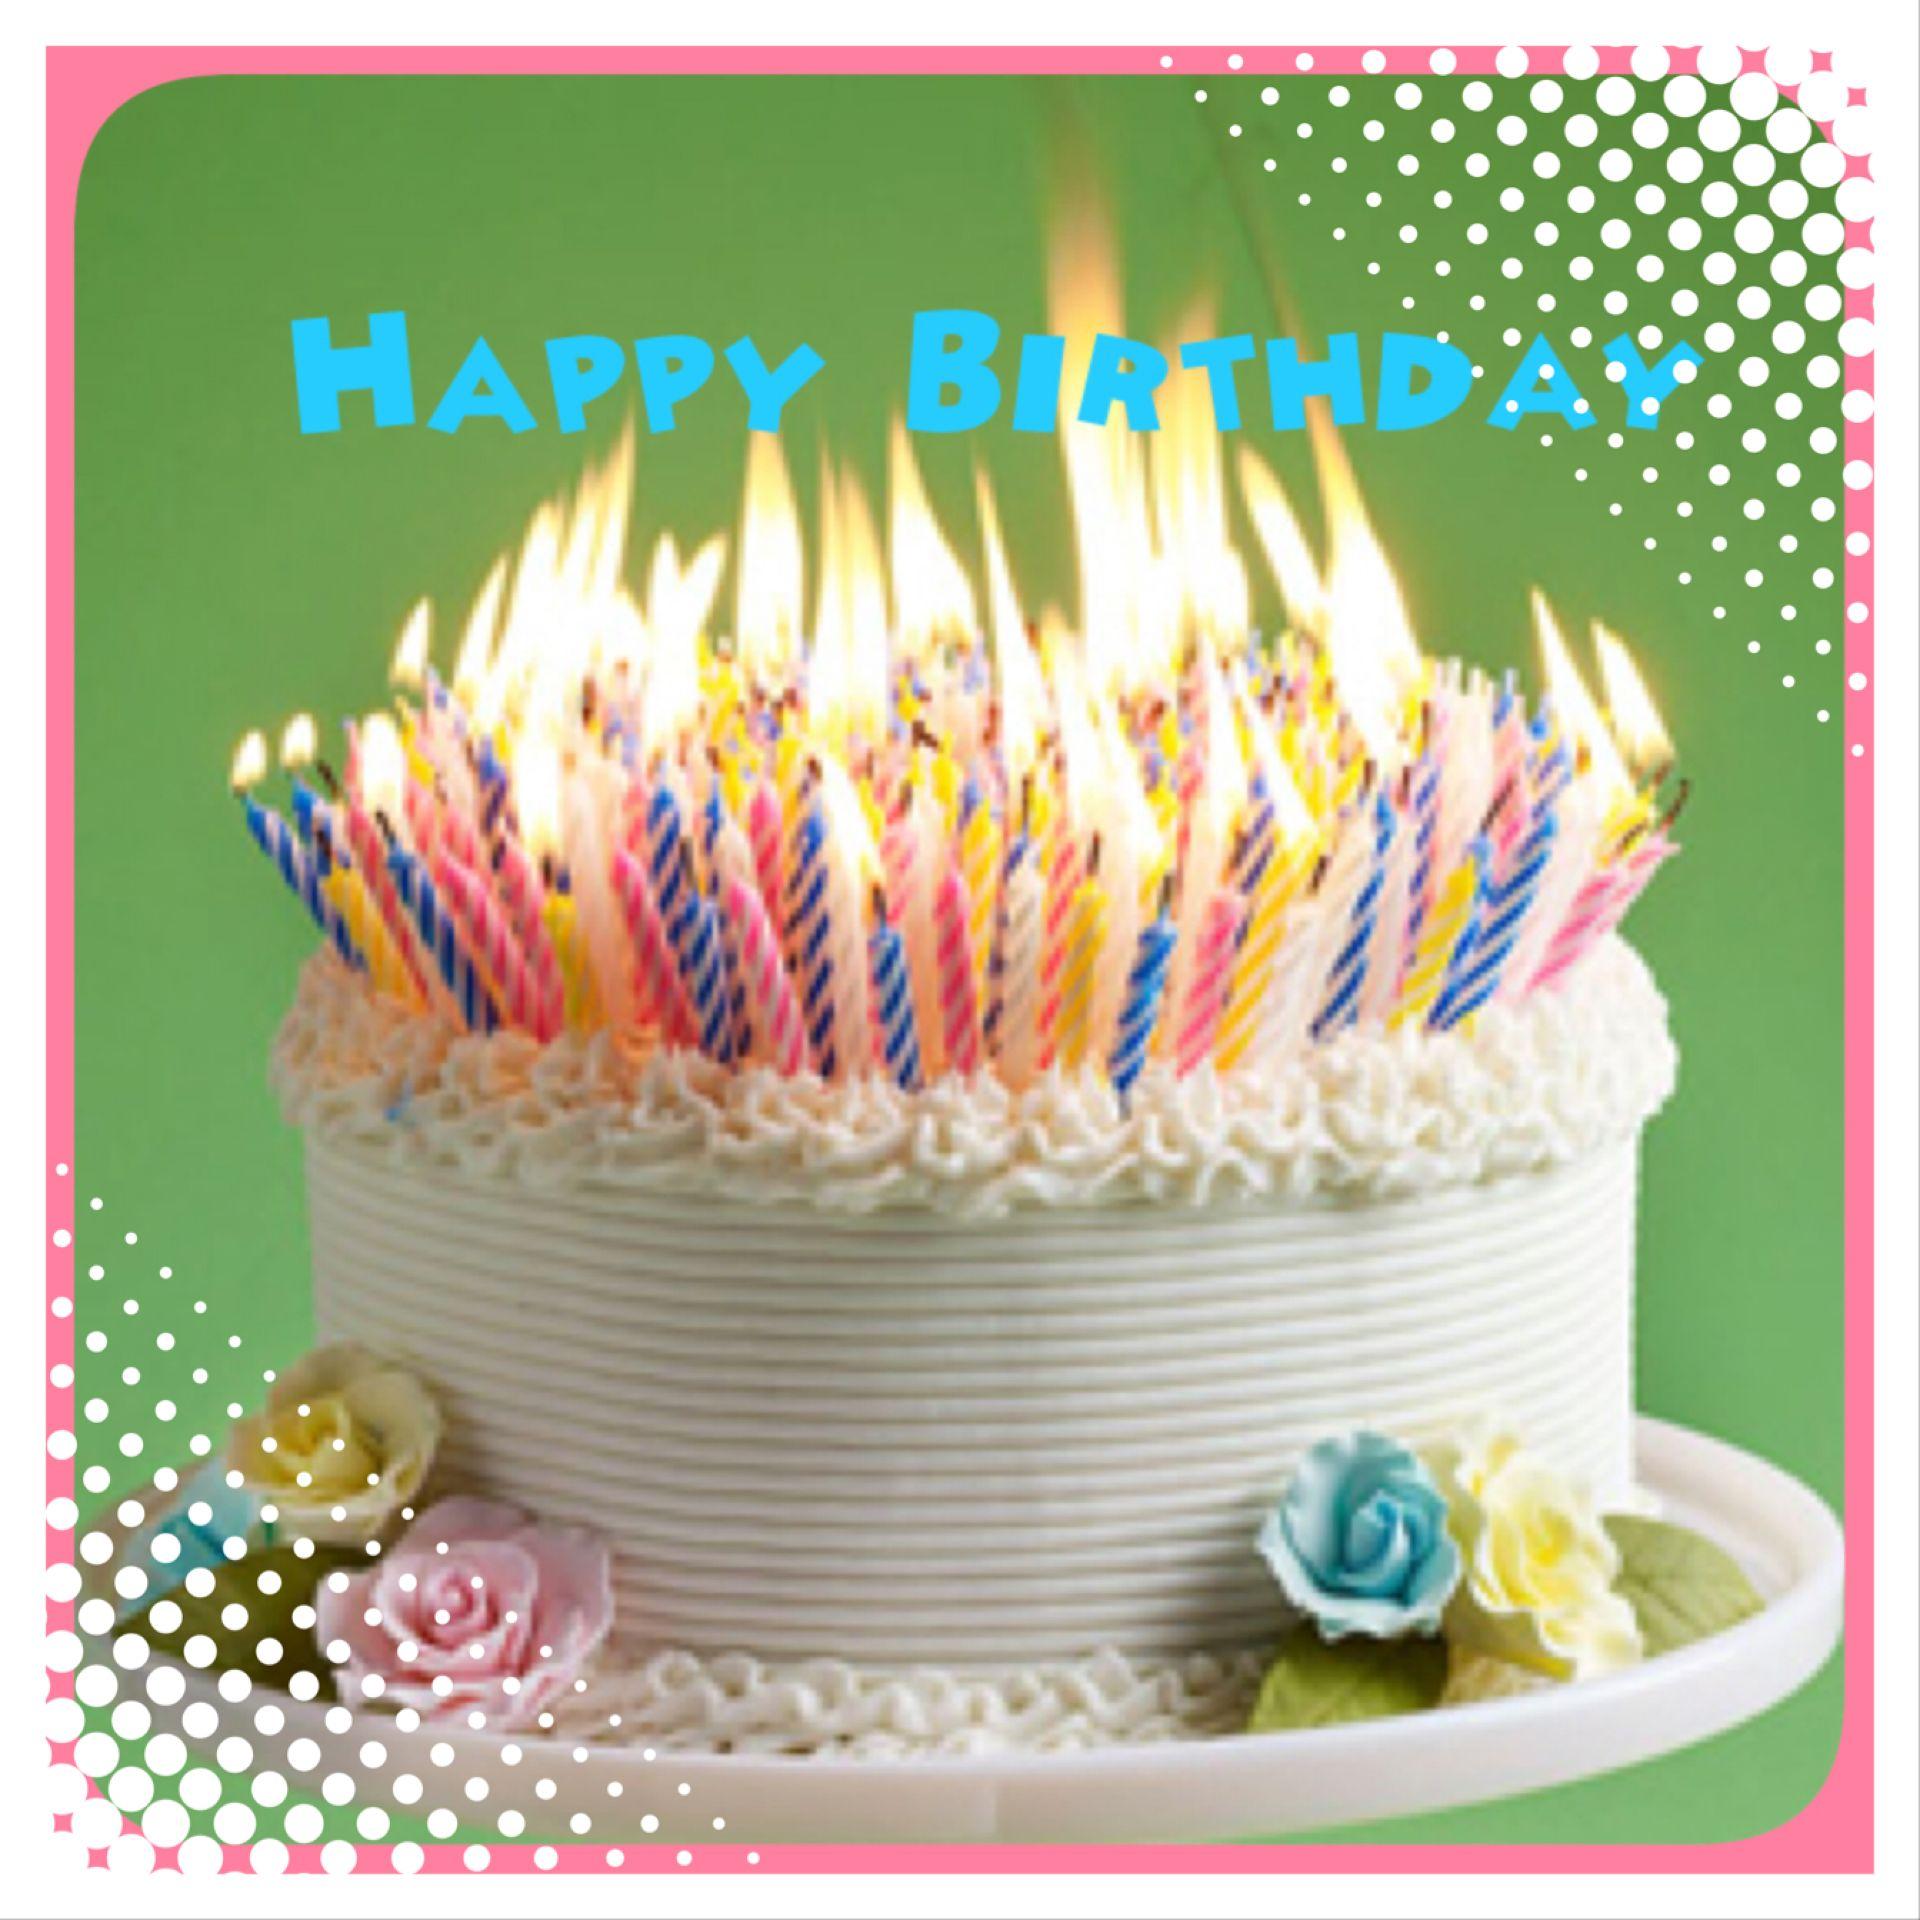 Pin by mosharraf hossain on happy birthday pinterest happy birthday